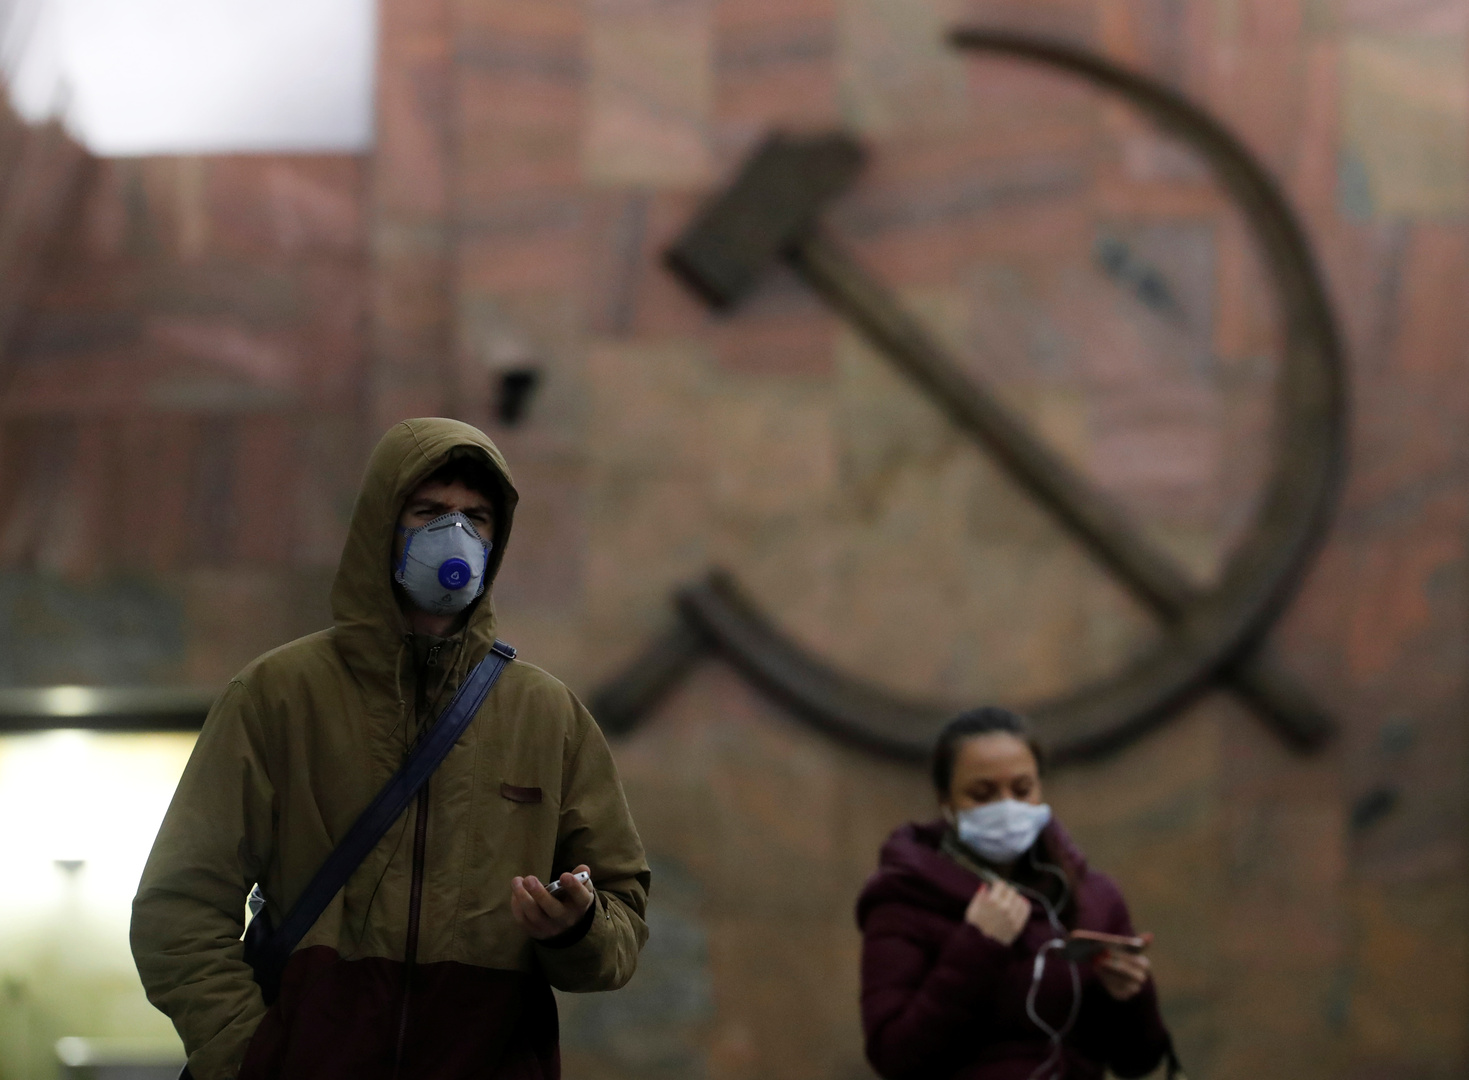 لأول مرة.. أكثر من 17 ألف إصابة جديدة بكورونا في روسيا خلال 24 ساعة